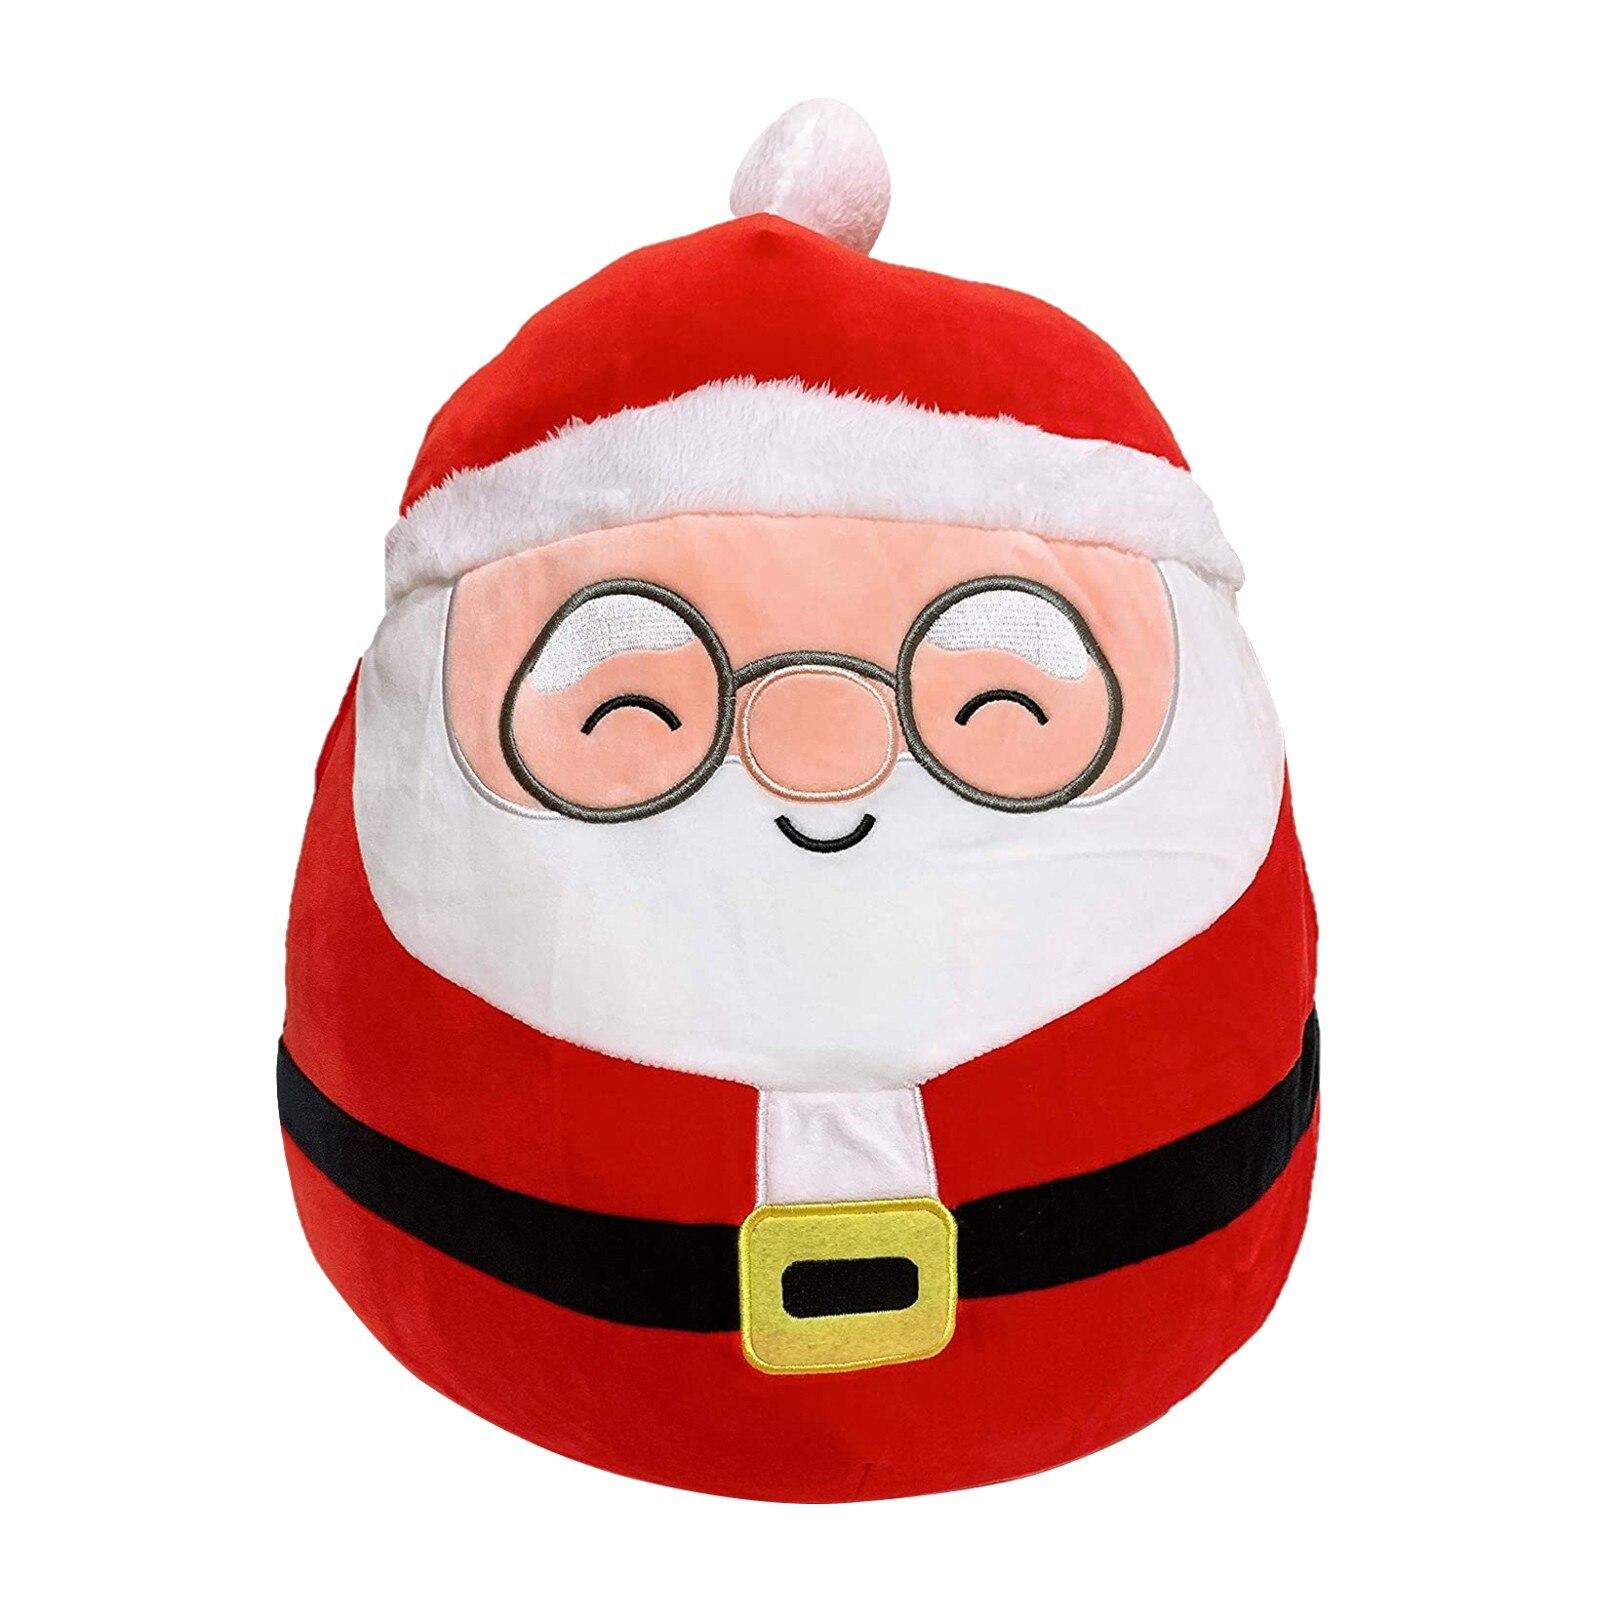 12 pulgadas de Navidad muñeca de La felpa de Navidad ornamento de...